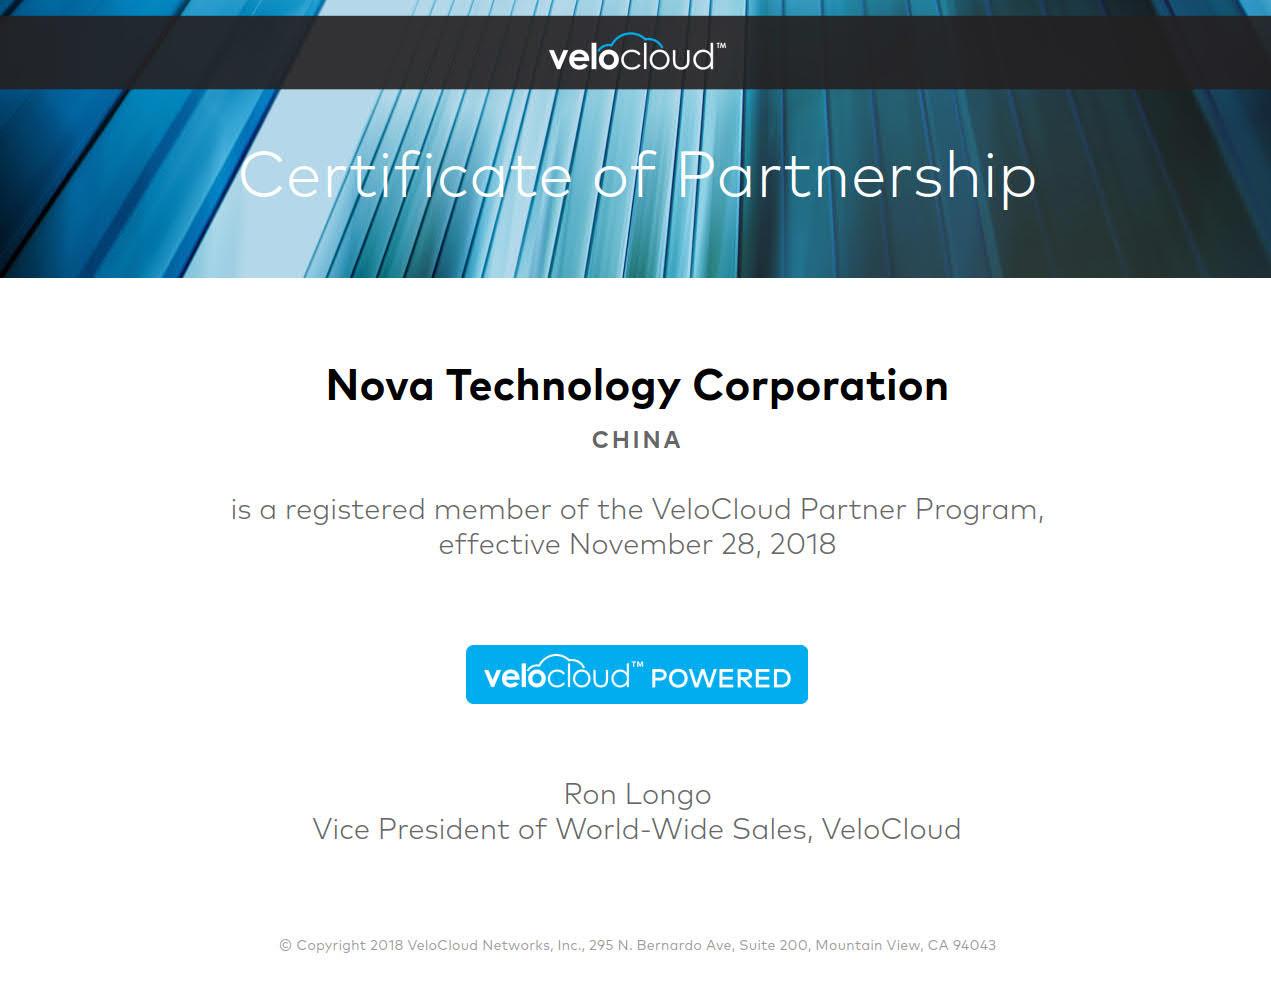 南凌科技与VeloCloud达成战略合作,携手为企业用户创造新价值